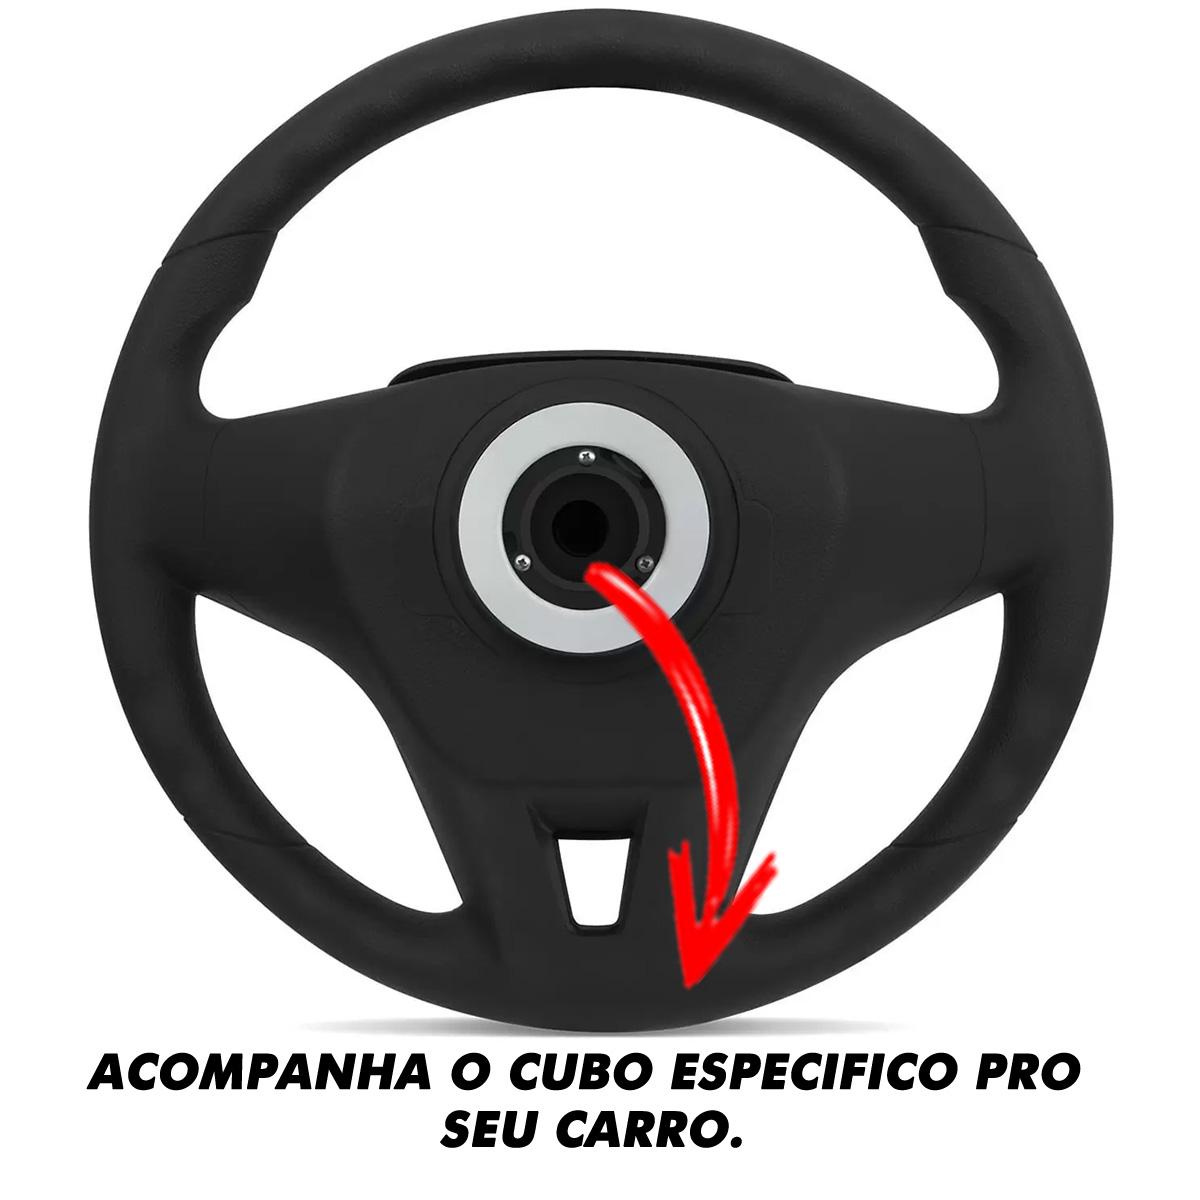 Volante Fiat Cruze Esportivo Cubo Palio Uno 1983 a 2013 Siena Strada Stilo Punto Idea Poliparts